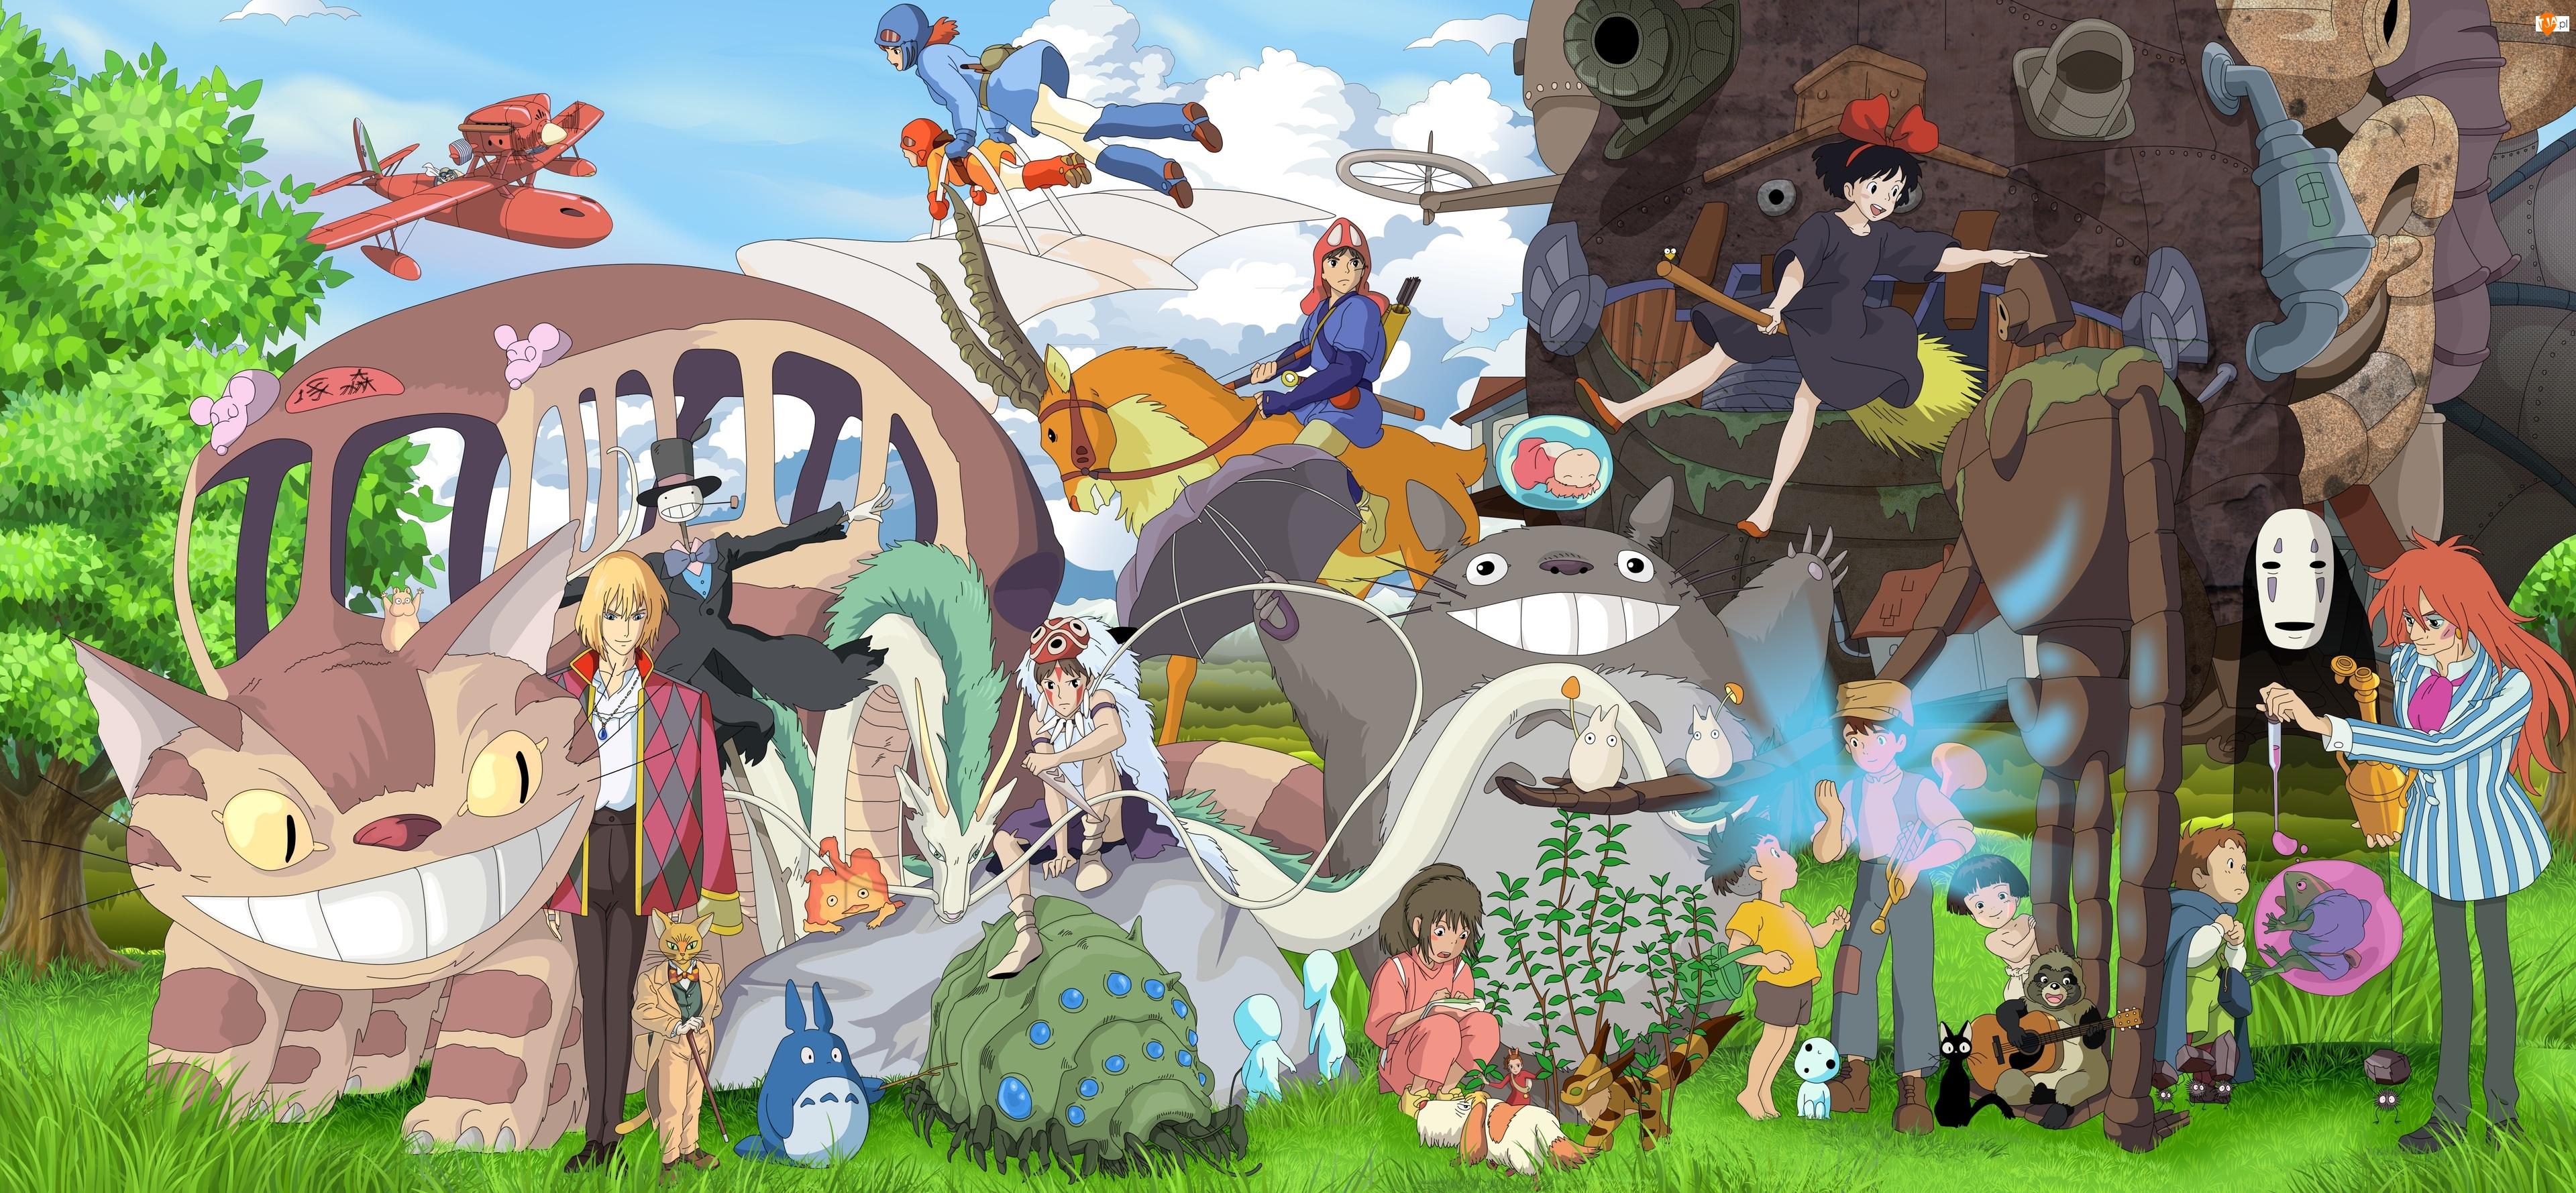 Japonia, Podniebna poczta Kiki, Szkarłatny pilot, Fujimoto, Opo, Filmy, Laputa – podniebny zamek, Ponyo, Ruchomy zamek Hauru, Księżniczka Mononoke, Anime, Mój sąsiad Totoro, Nausicaa z Doliny Wiatru, Studio Ghibli, Spirited Away W krainie bogów